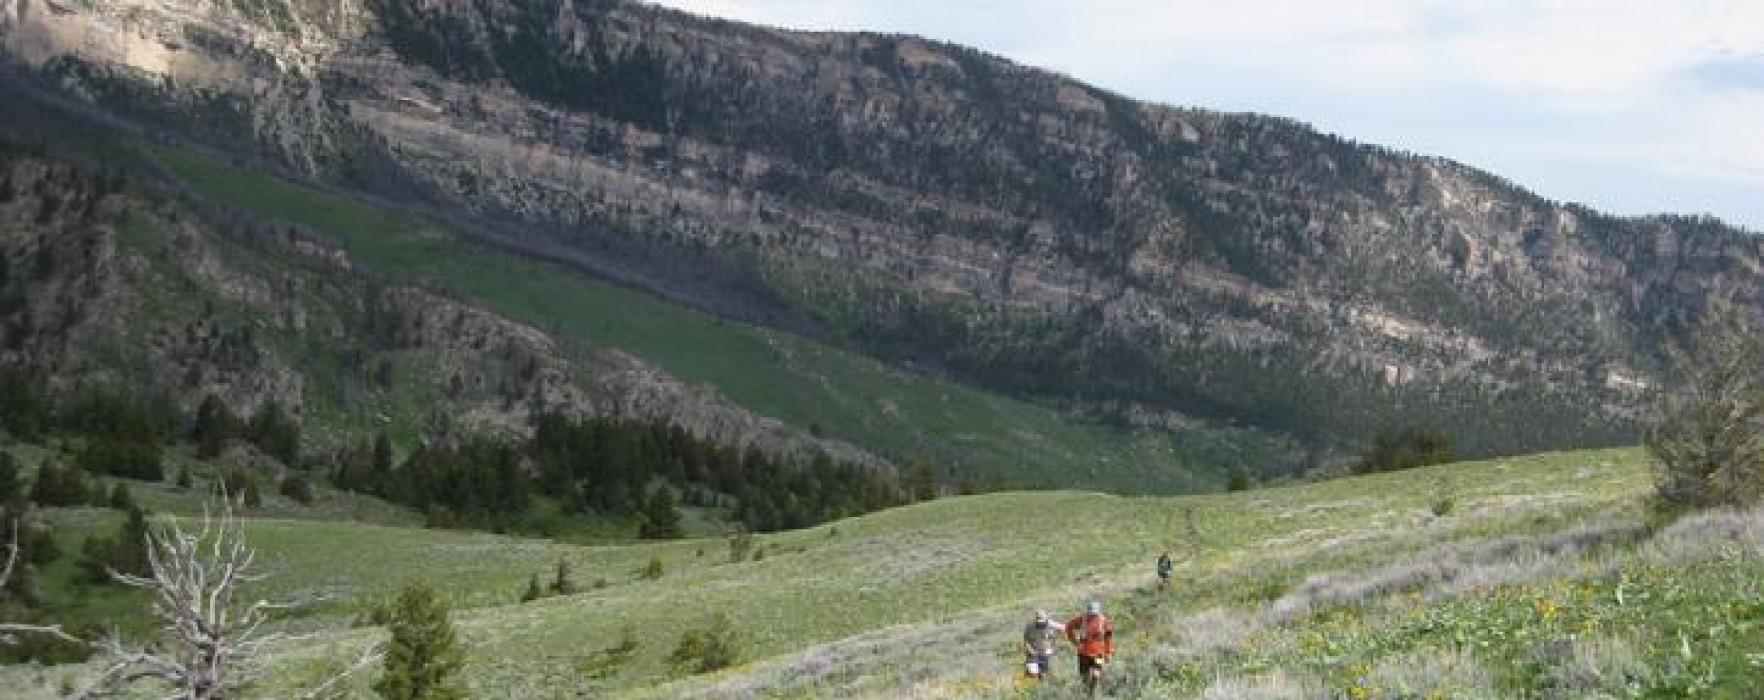 bighorn trail runs